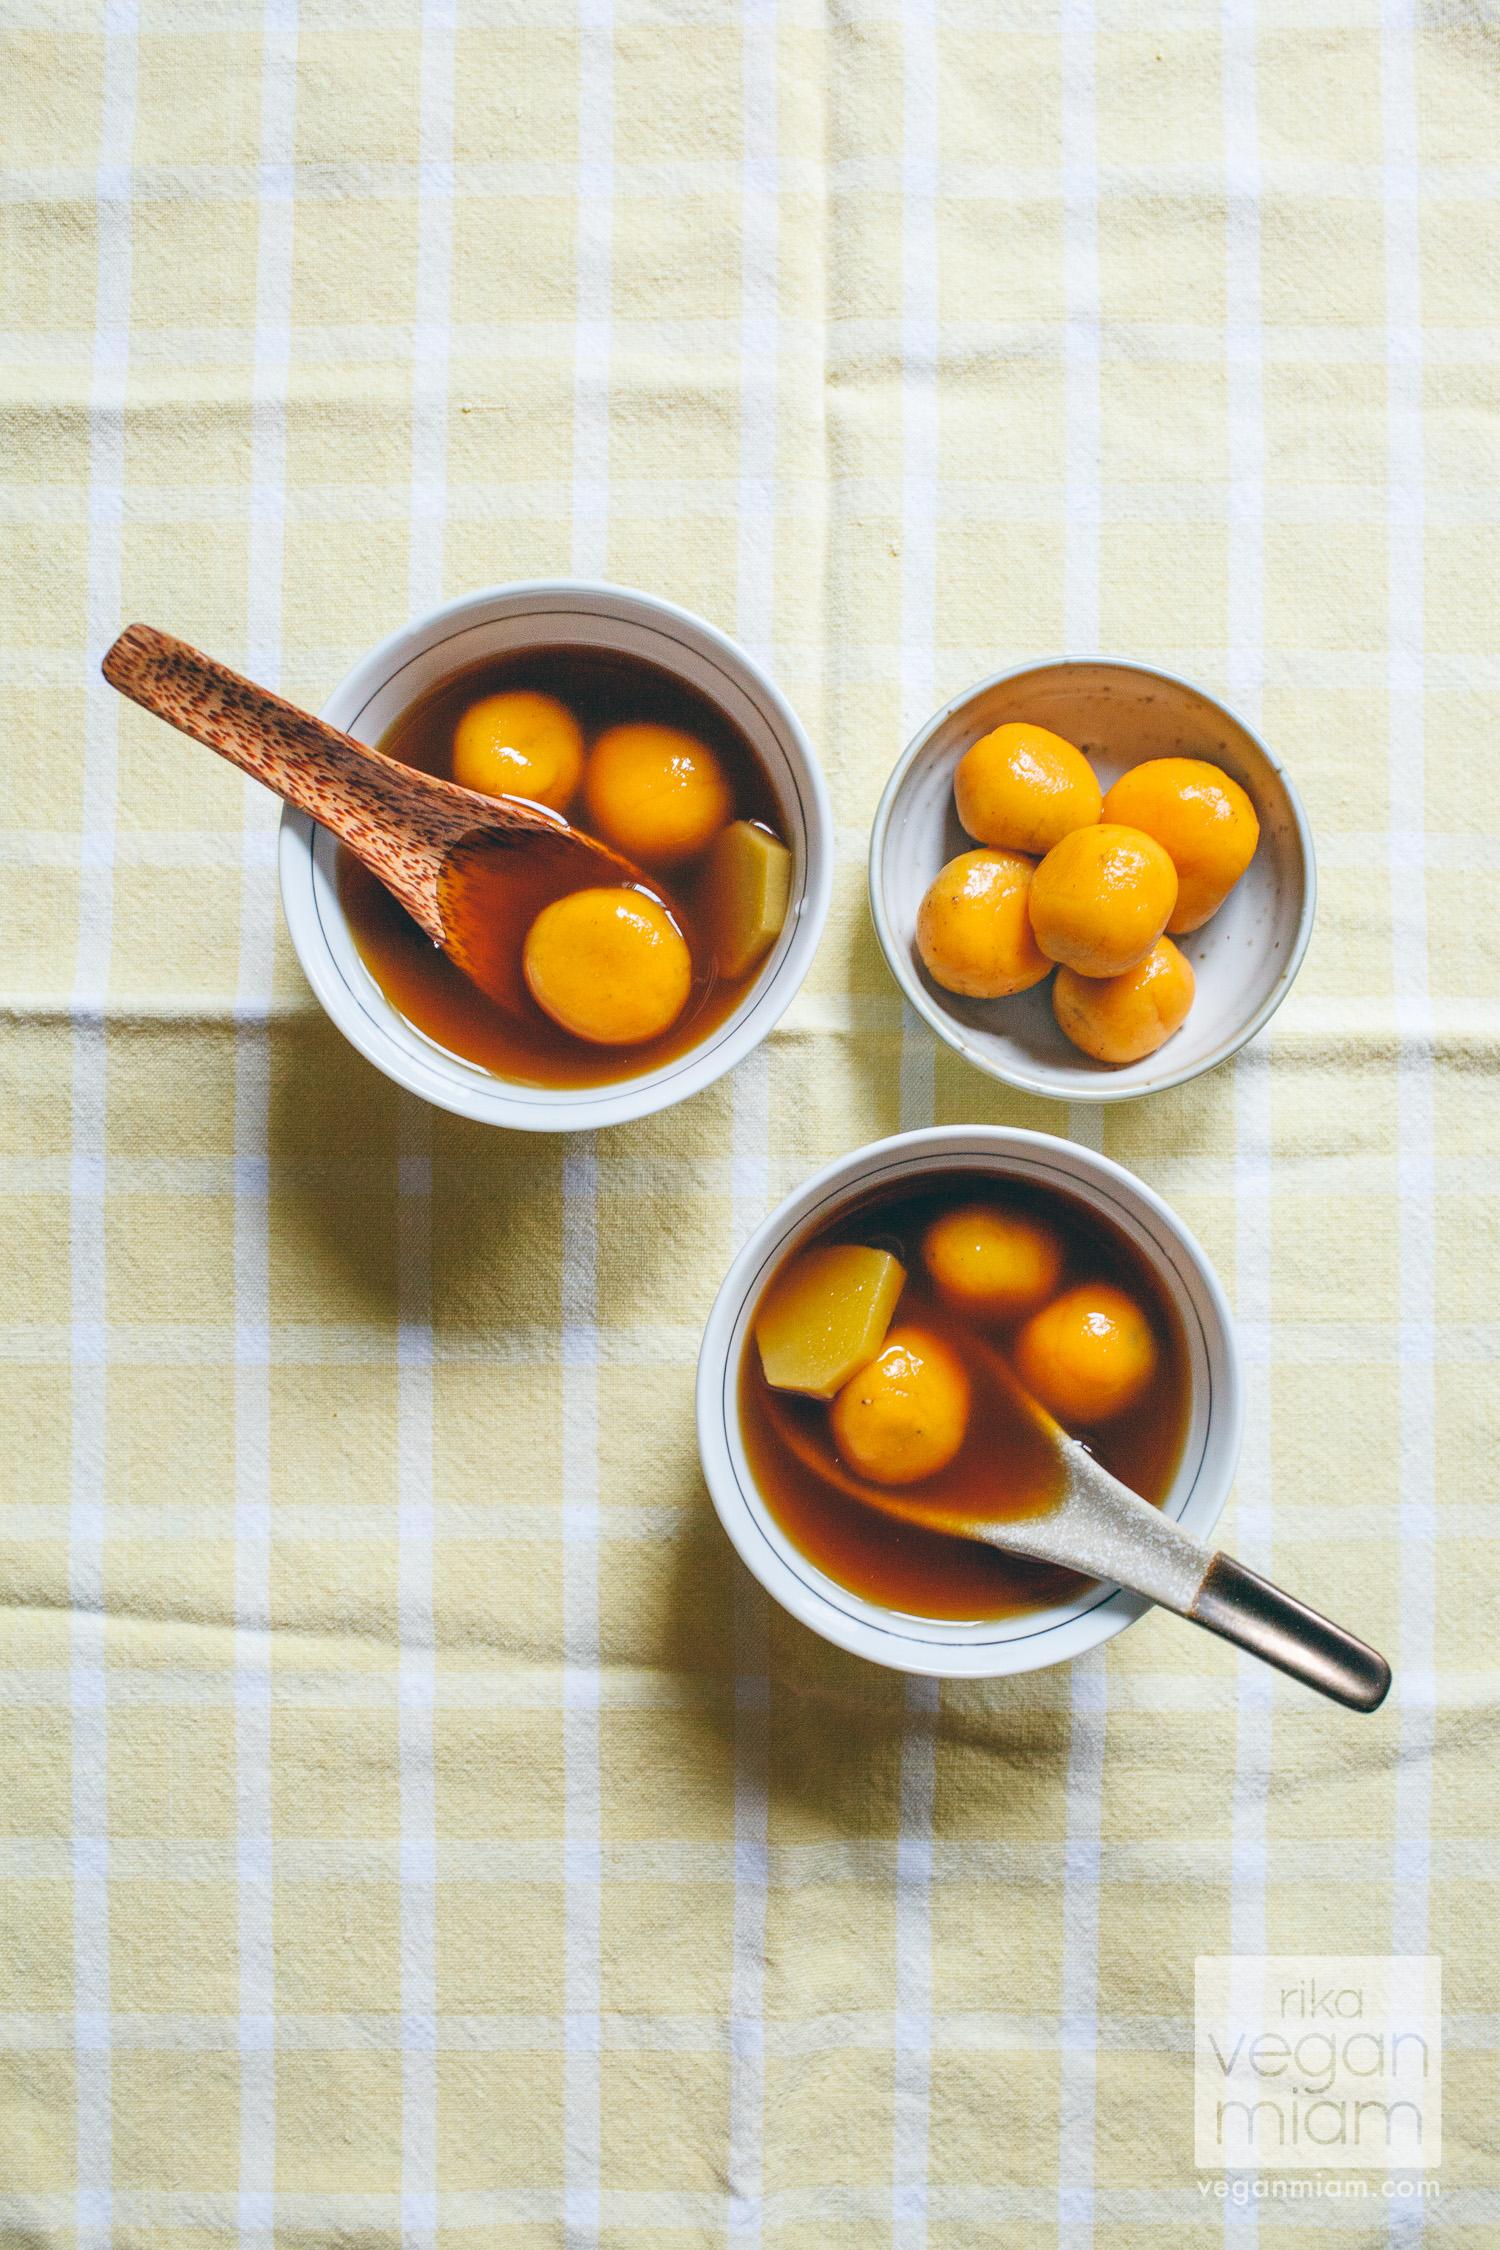 Vegan Tang Yuan